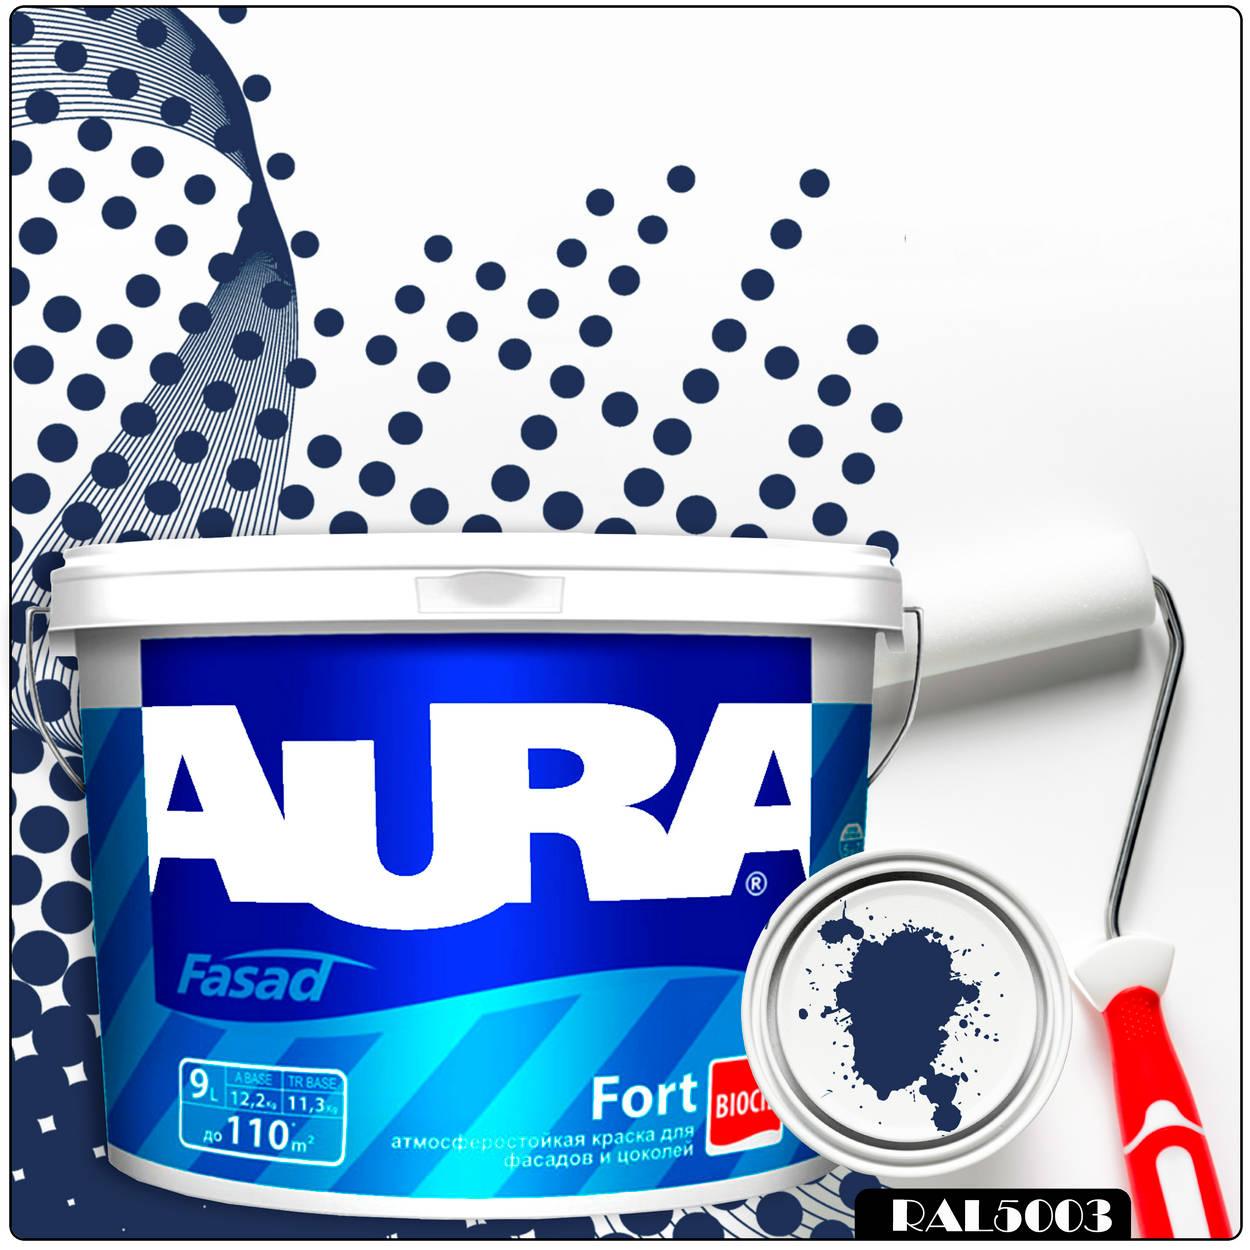 Фото 4 - Краска Aura Fasad Fort, RAL 5003 Сапфирово-синий, латексная, матовая, для фасада и цоколей, 9л, Аура.